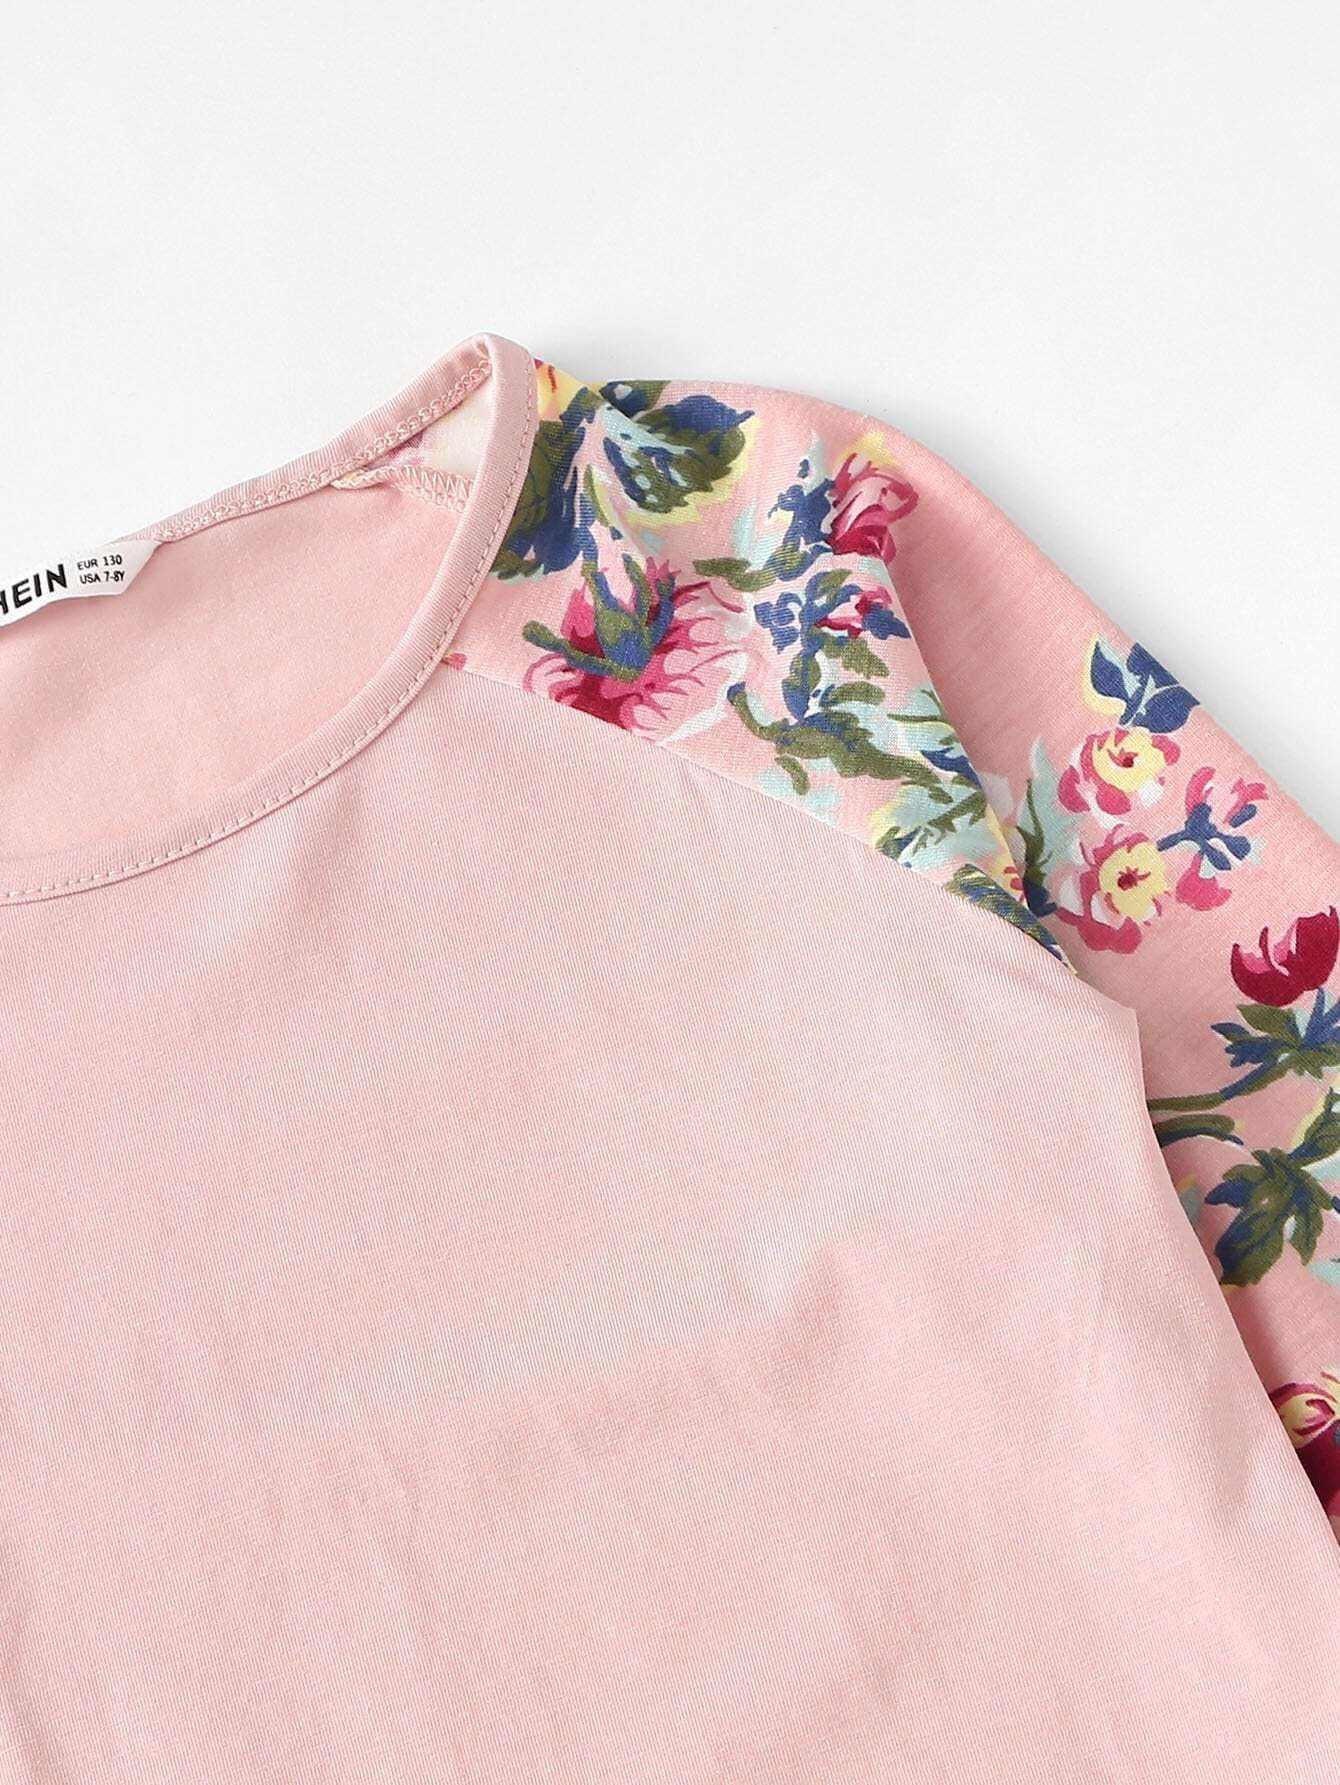 camiseta con mangas de flores - shein espa09a